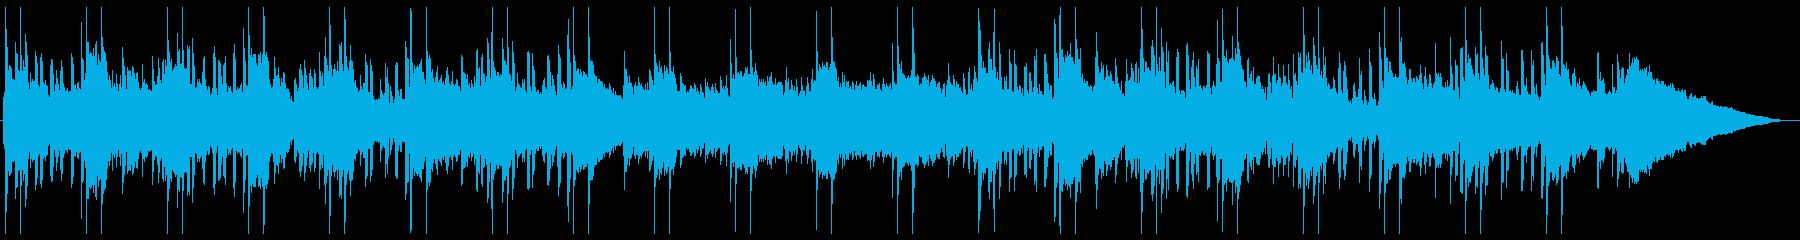 あくびが出そうな脱力音楽の再生済みの波形